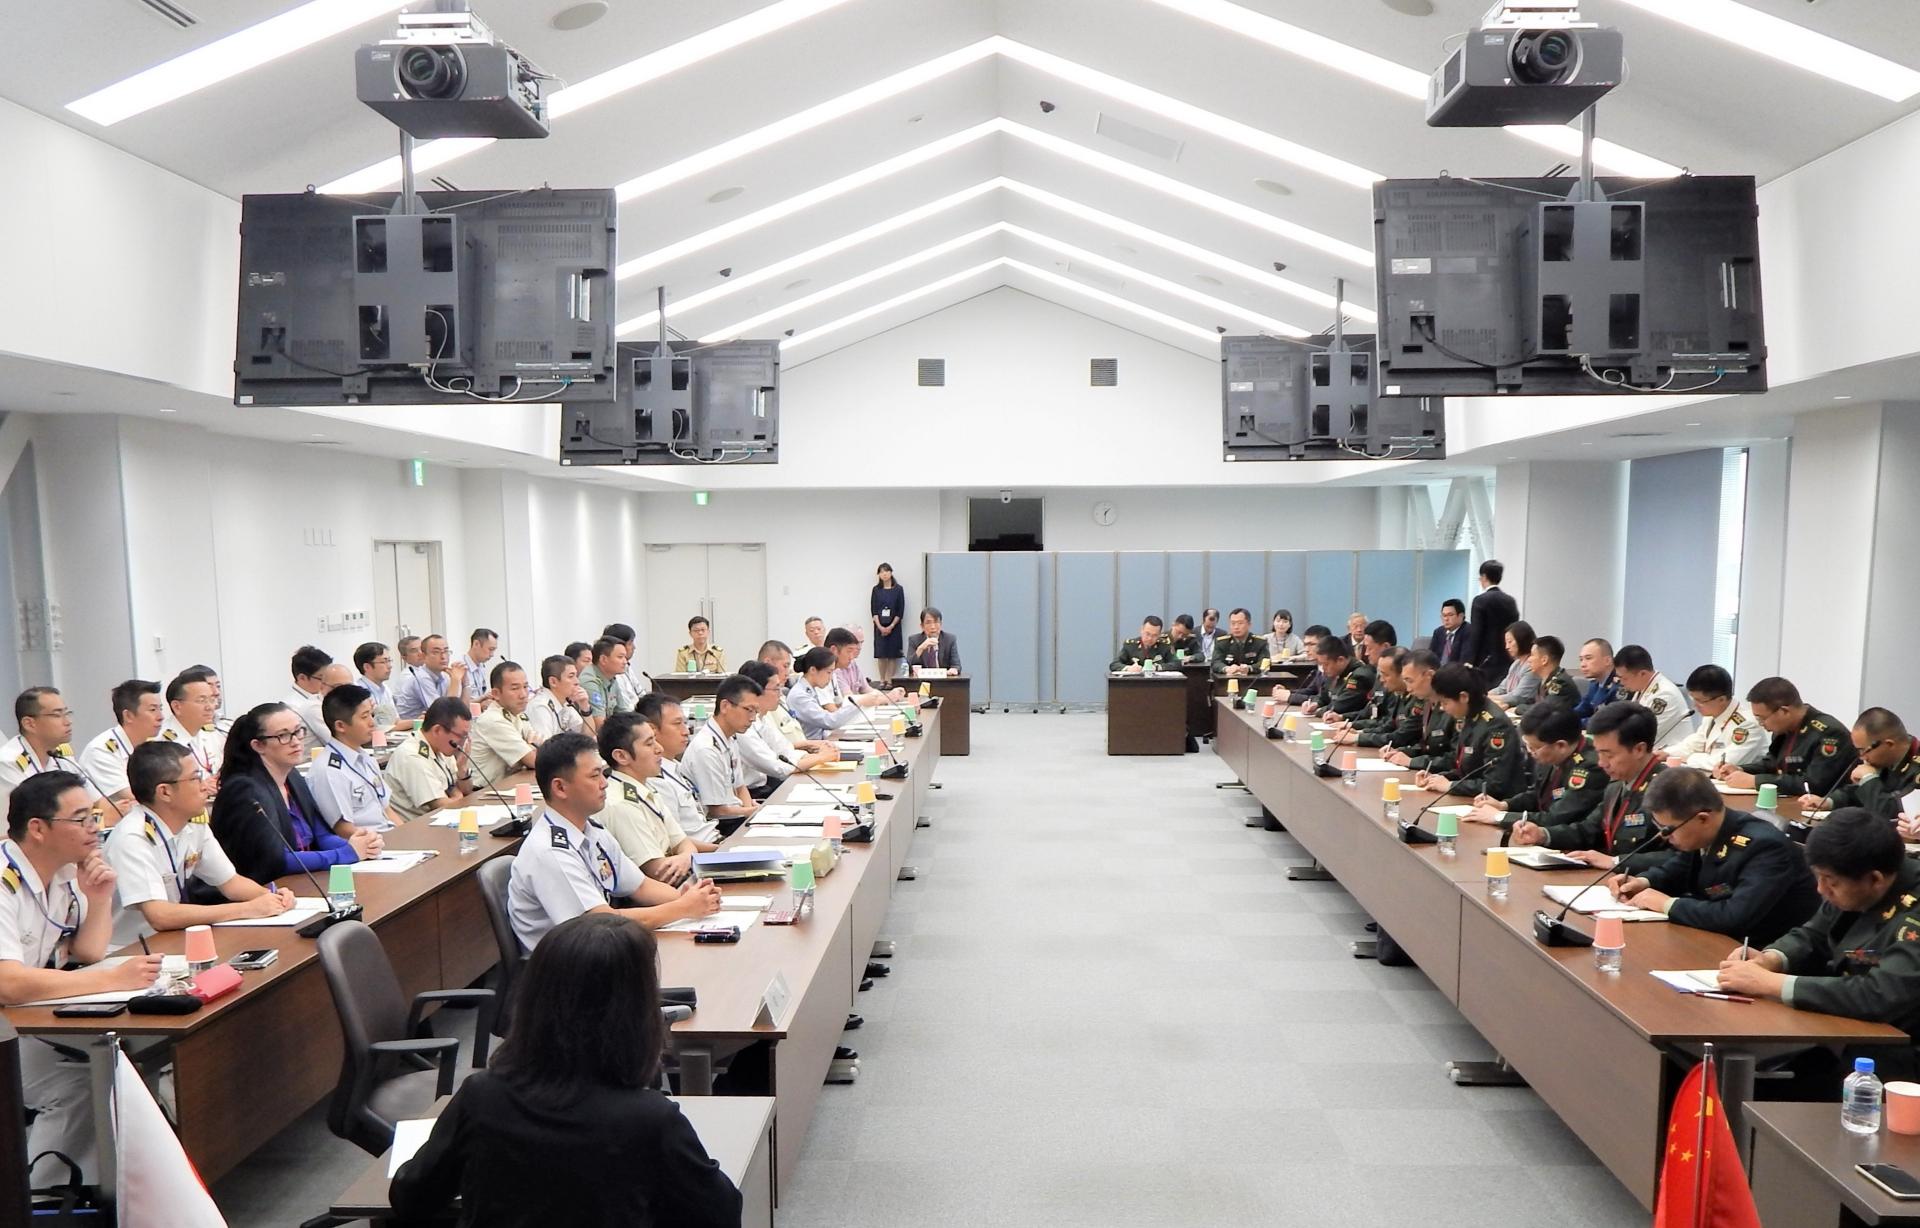 防衛省防衛研究所は人民解放軍代表団(右側)を迎え、アジア太平洋地域情勢をめぐり意見交換した